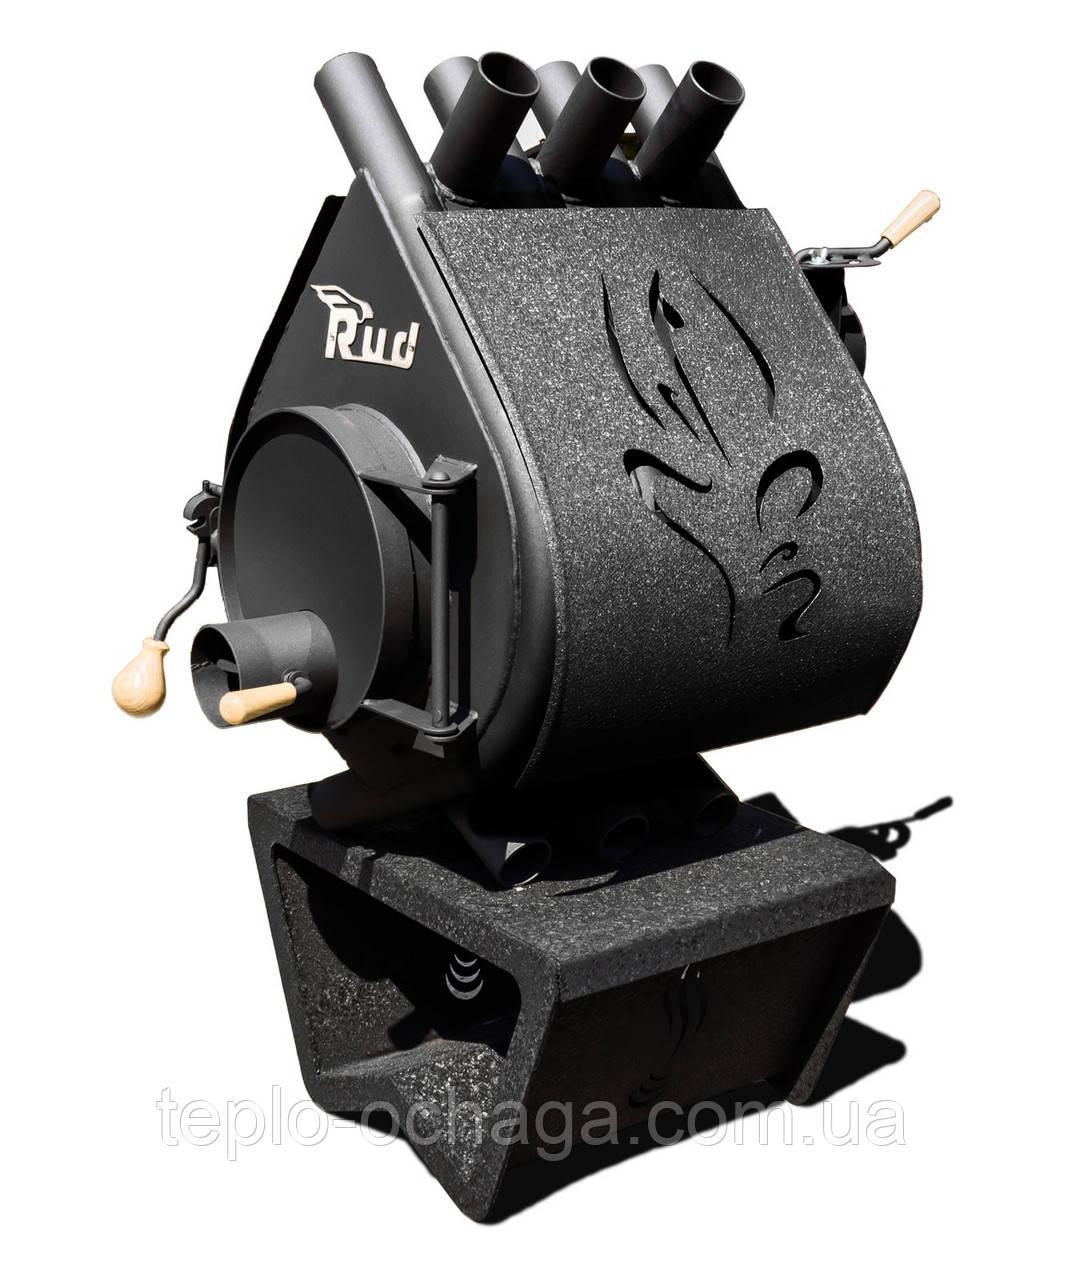 Дровяная печь длительного горения Rud Pyrotron Кантри 00 С обшивкой декоративной (черная)